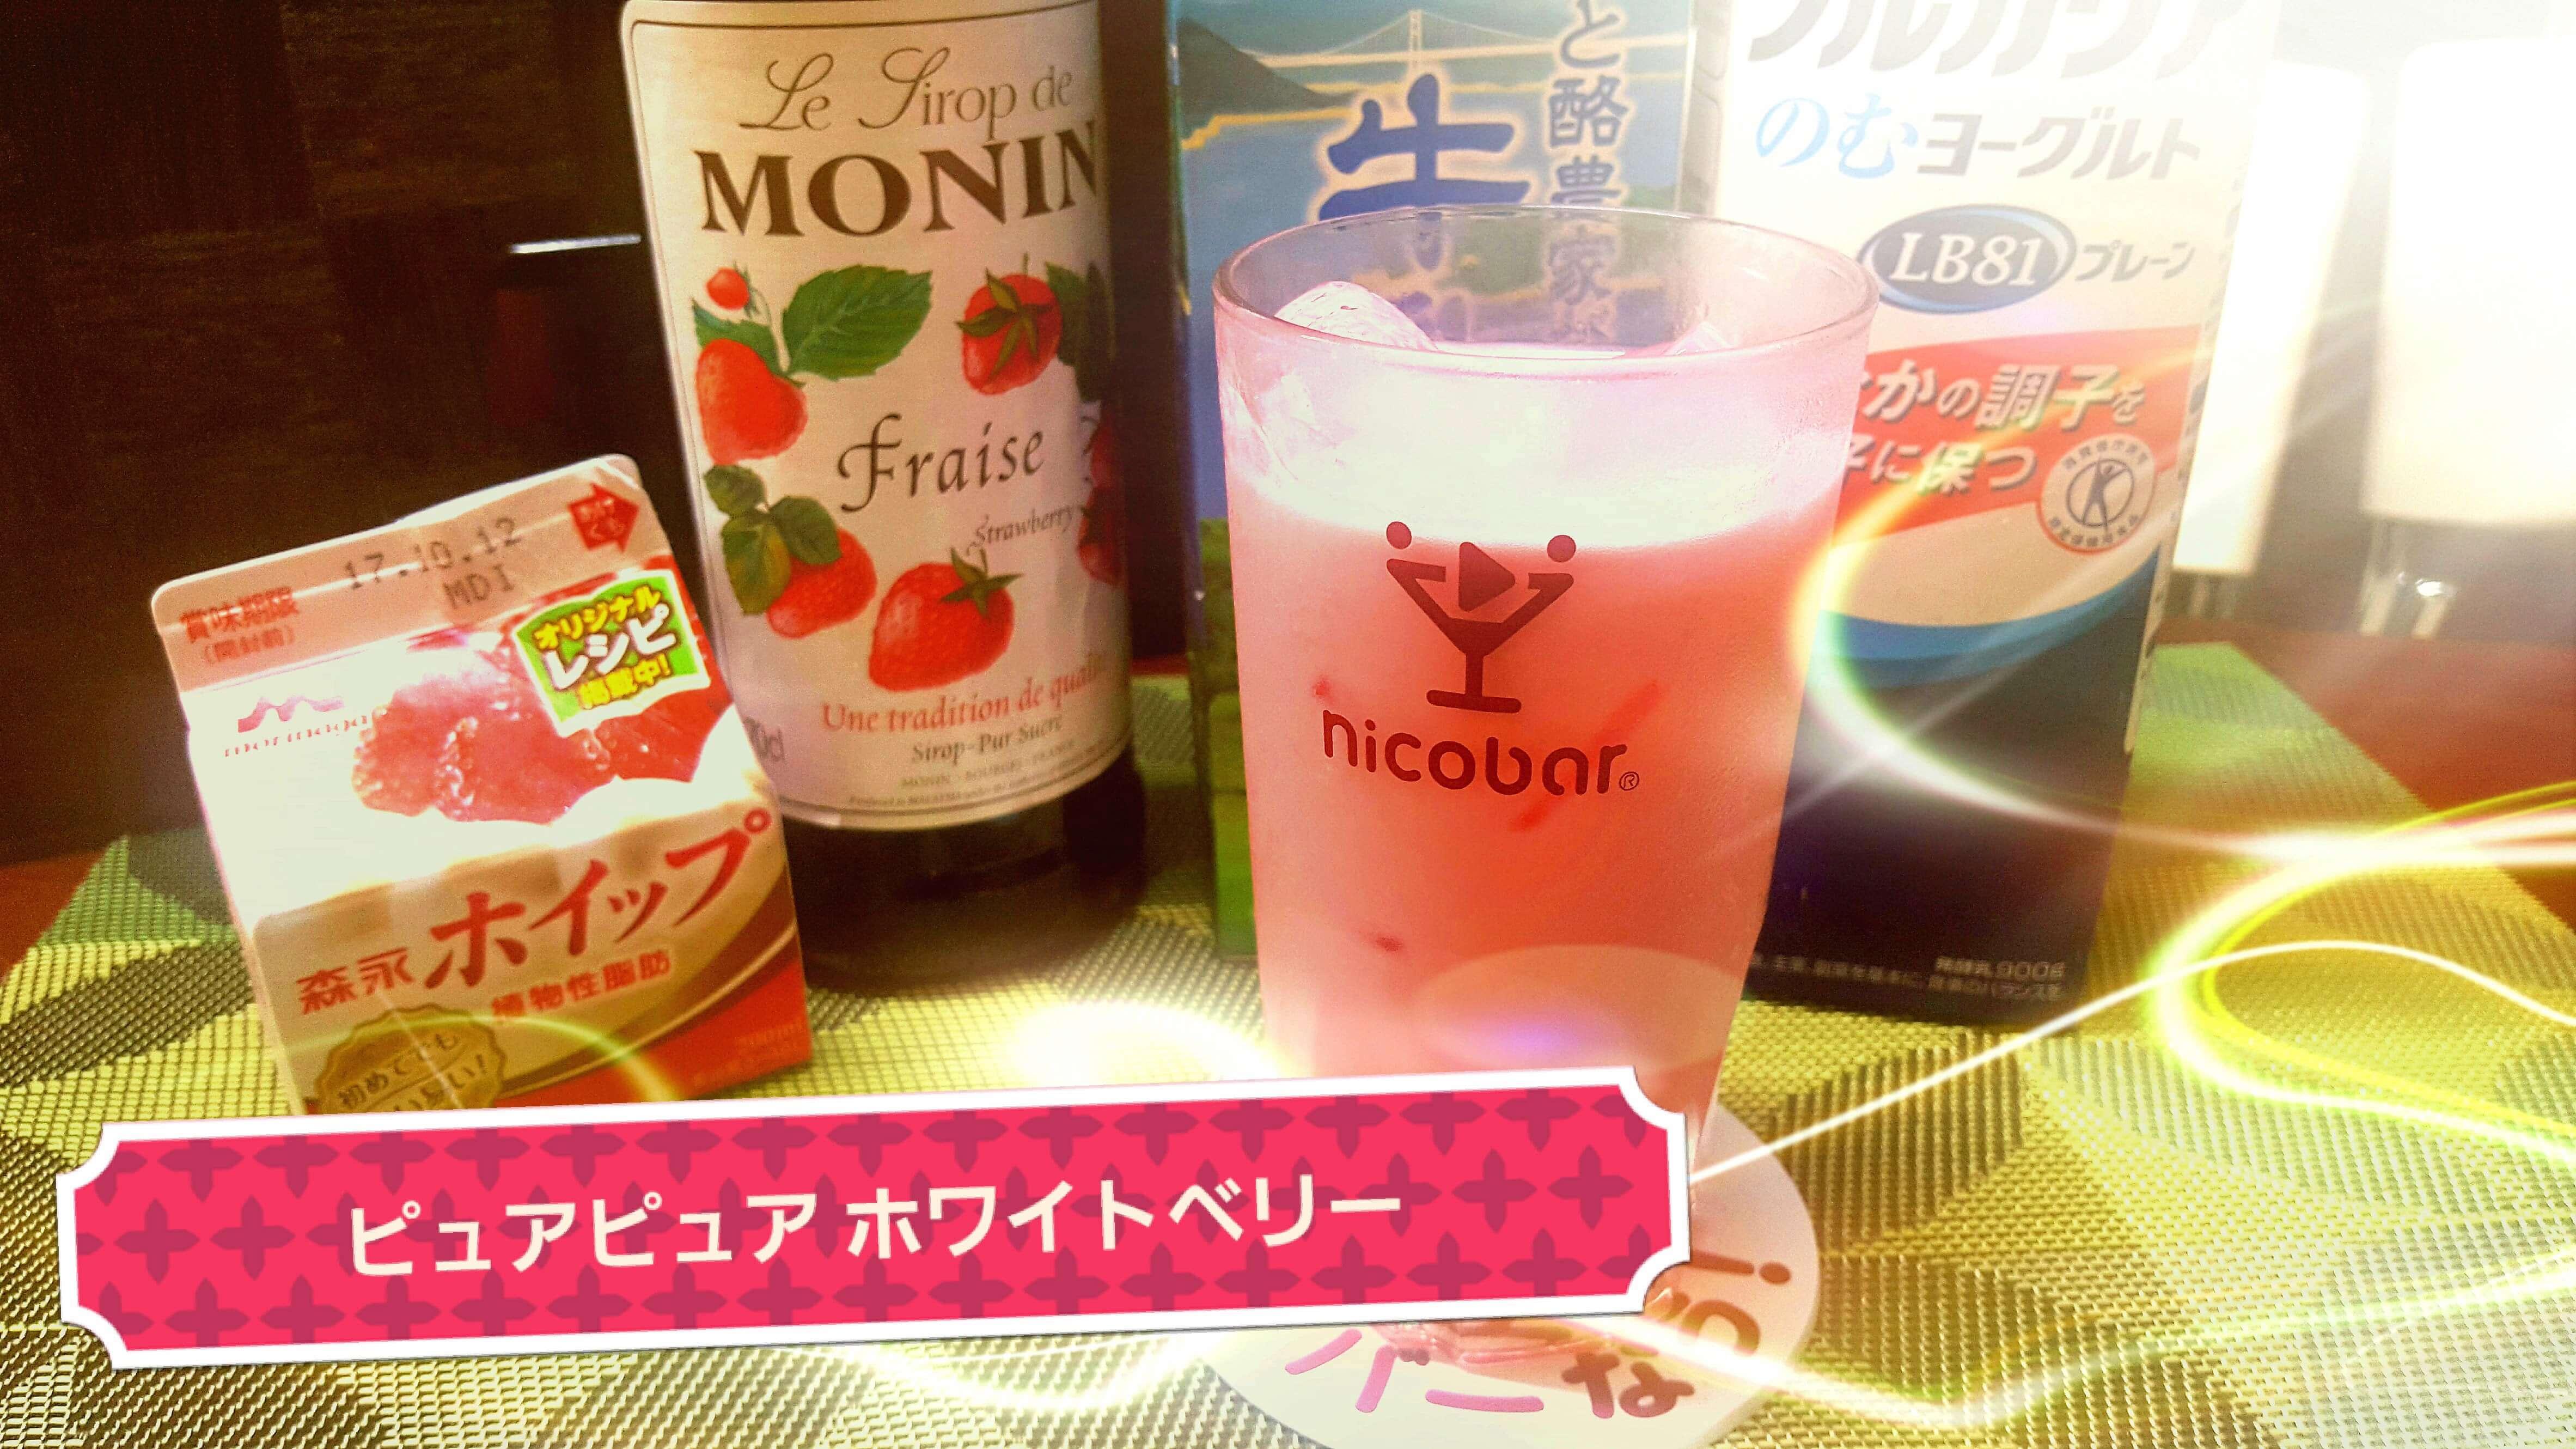 ニコバー香川店・営業開始しました。ノンアルカクテル&平日プレート告知